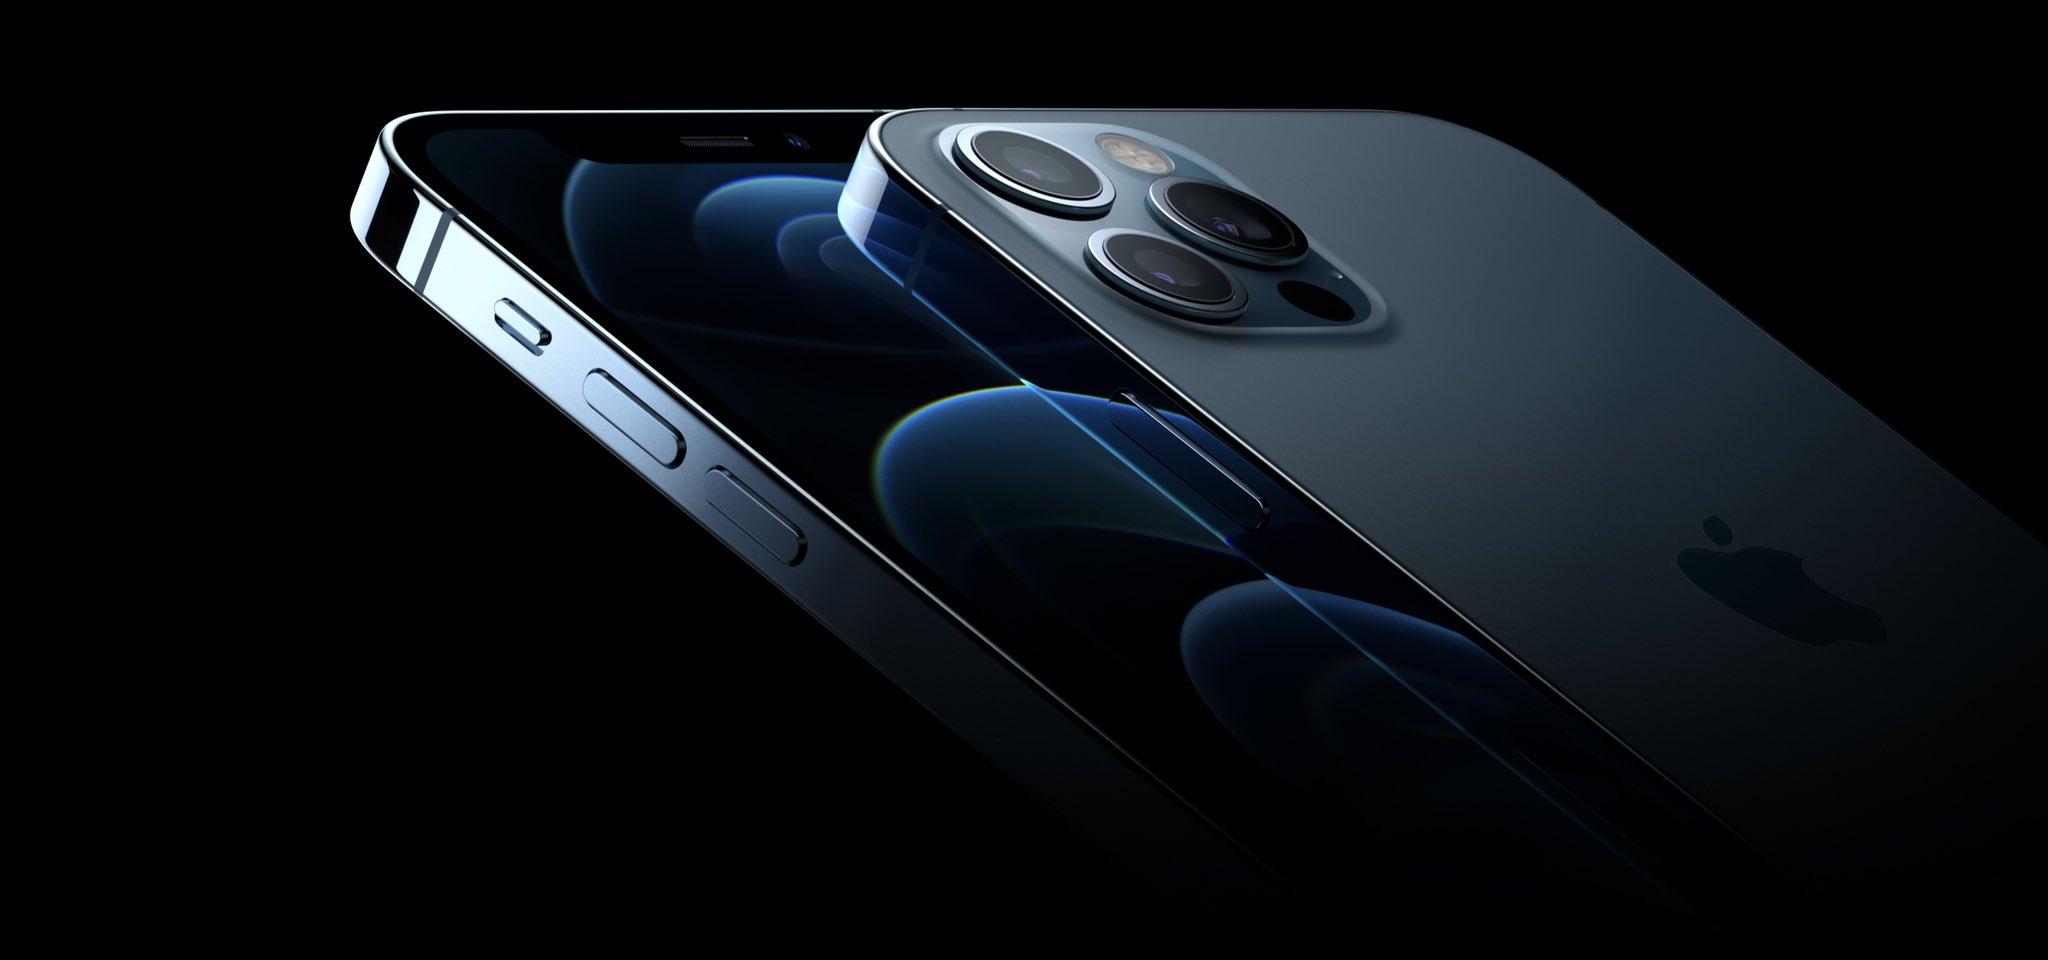 Изображение новости «Представлены iPhone 12 Pro и iPhone 12 Pro Max»